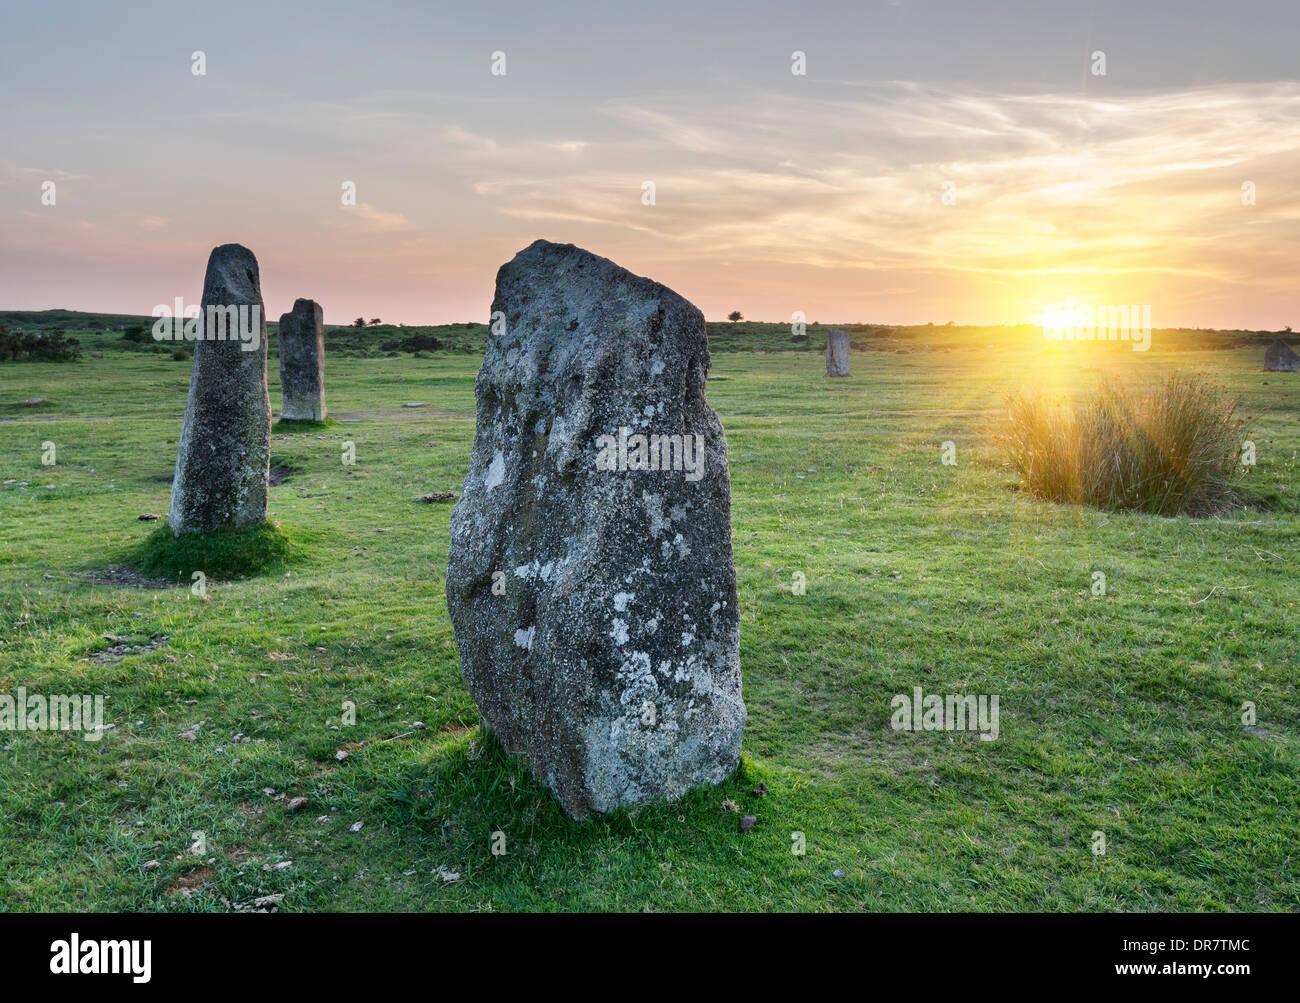 Comité permanent des pierres sur les Hurlers un stone circle à larbins sur Bodmin Moor en Cornouailles Banque D'Images